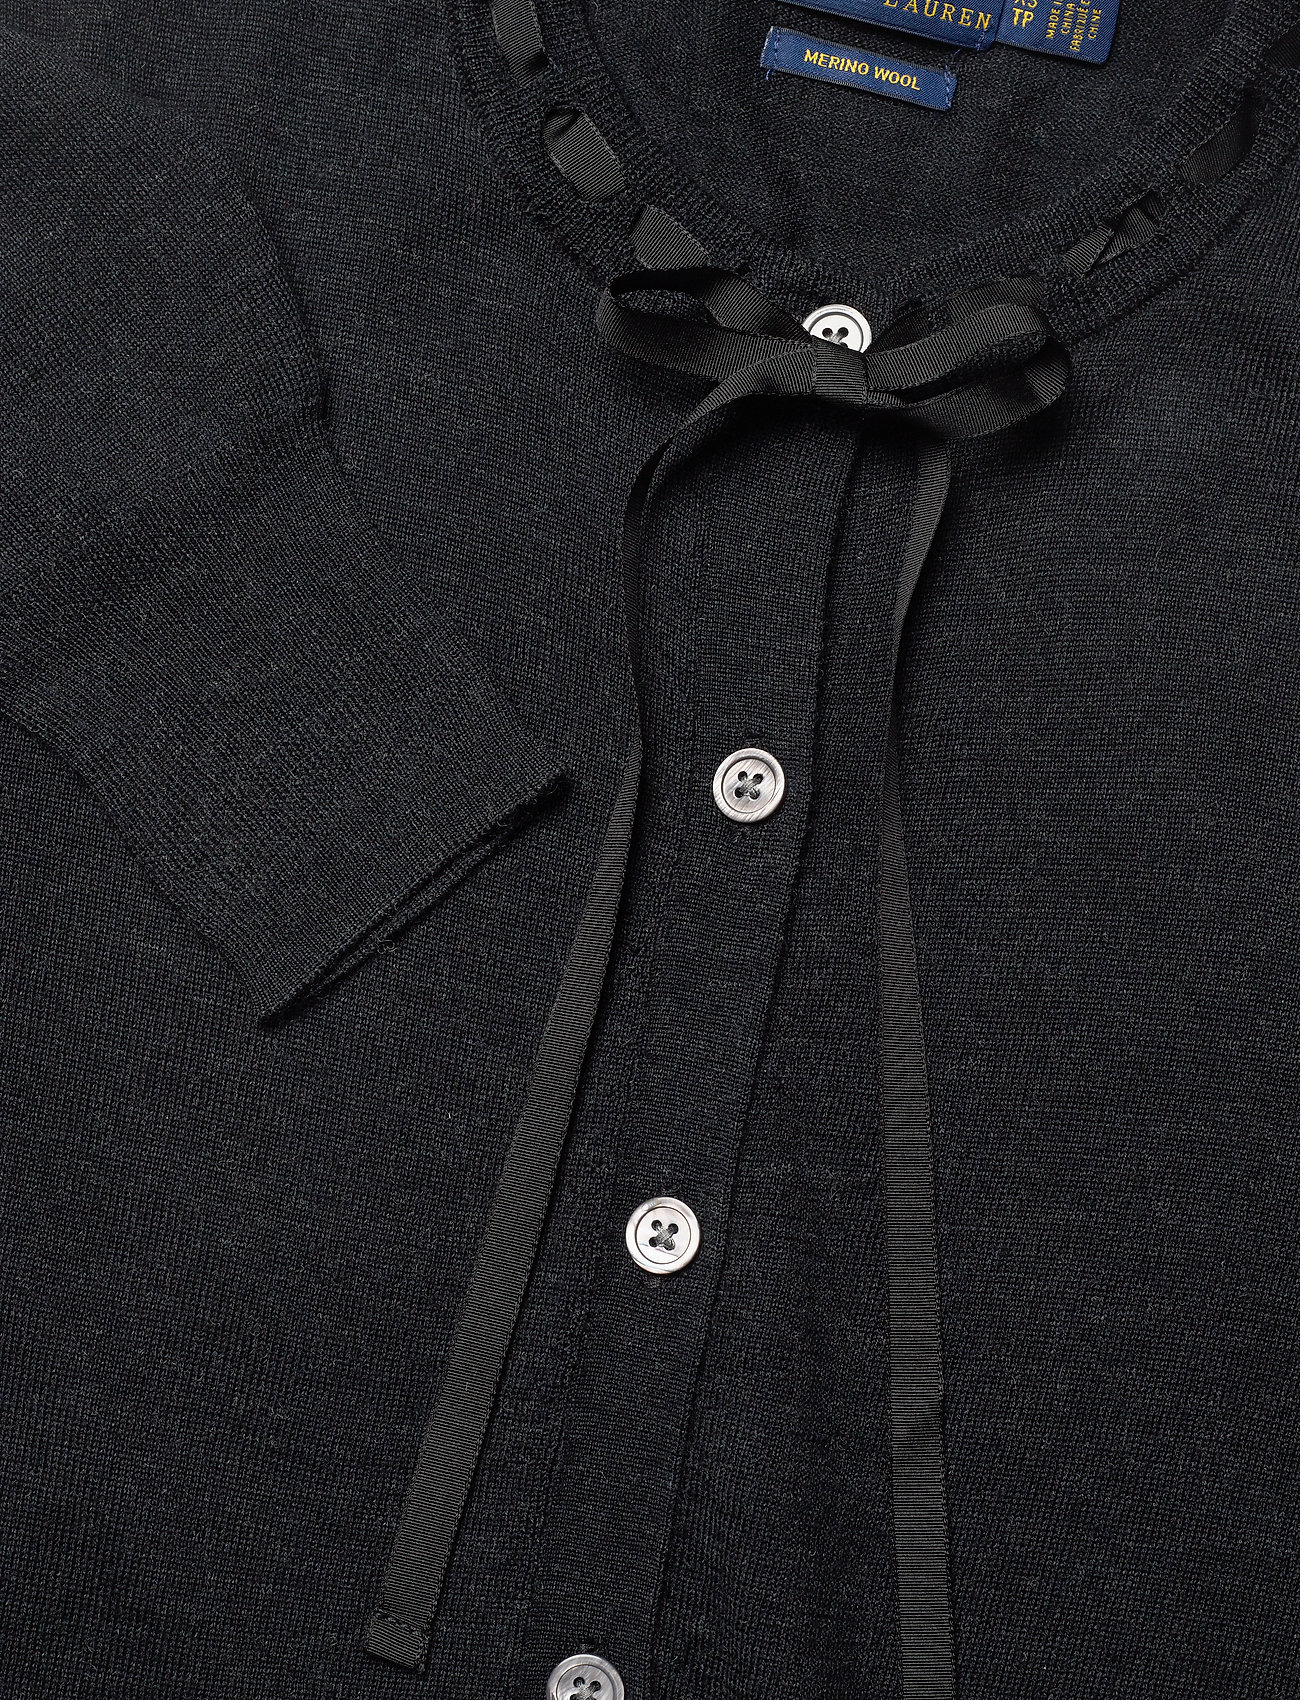 Silk Blend-lsl-swt (Charcoal Heather) (1109.40 kr) - Polo Ralph Lauren